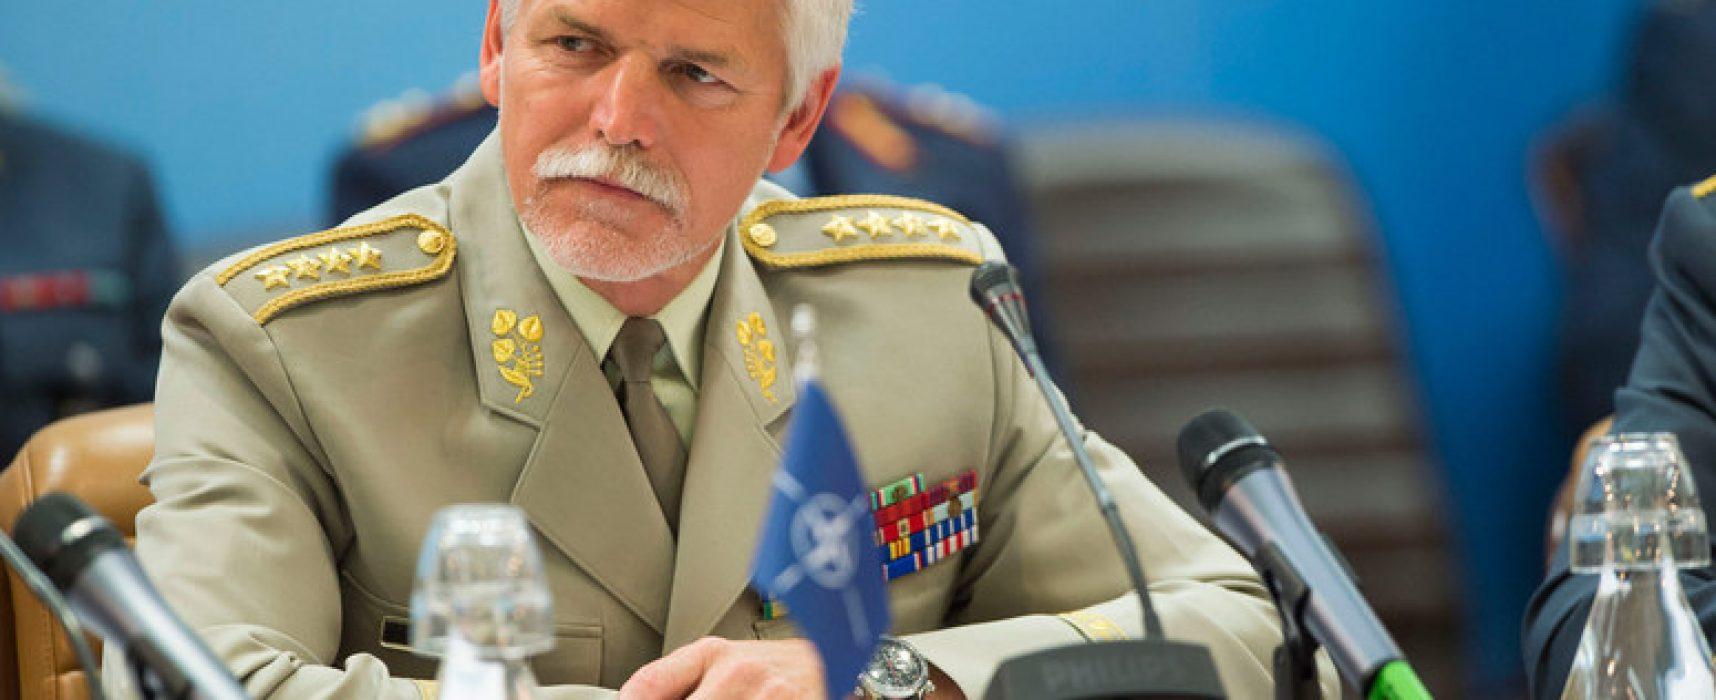 Hlavní hrozby dneška: Asertivní Rusko a islámský terorismus, říká Petr Pavel